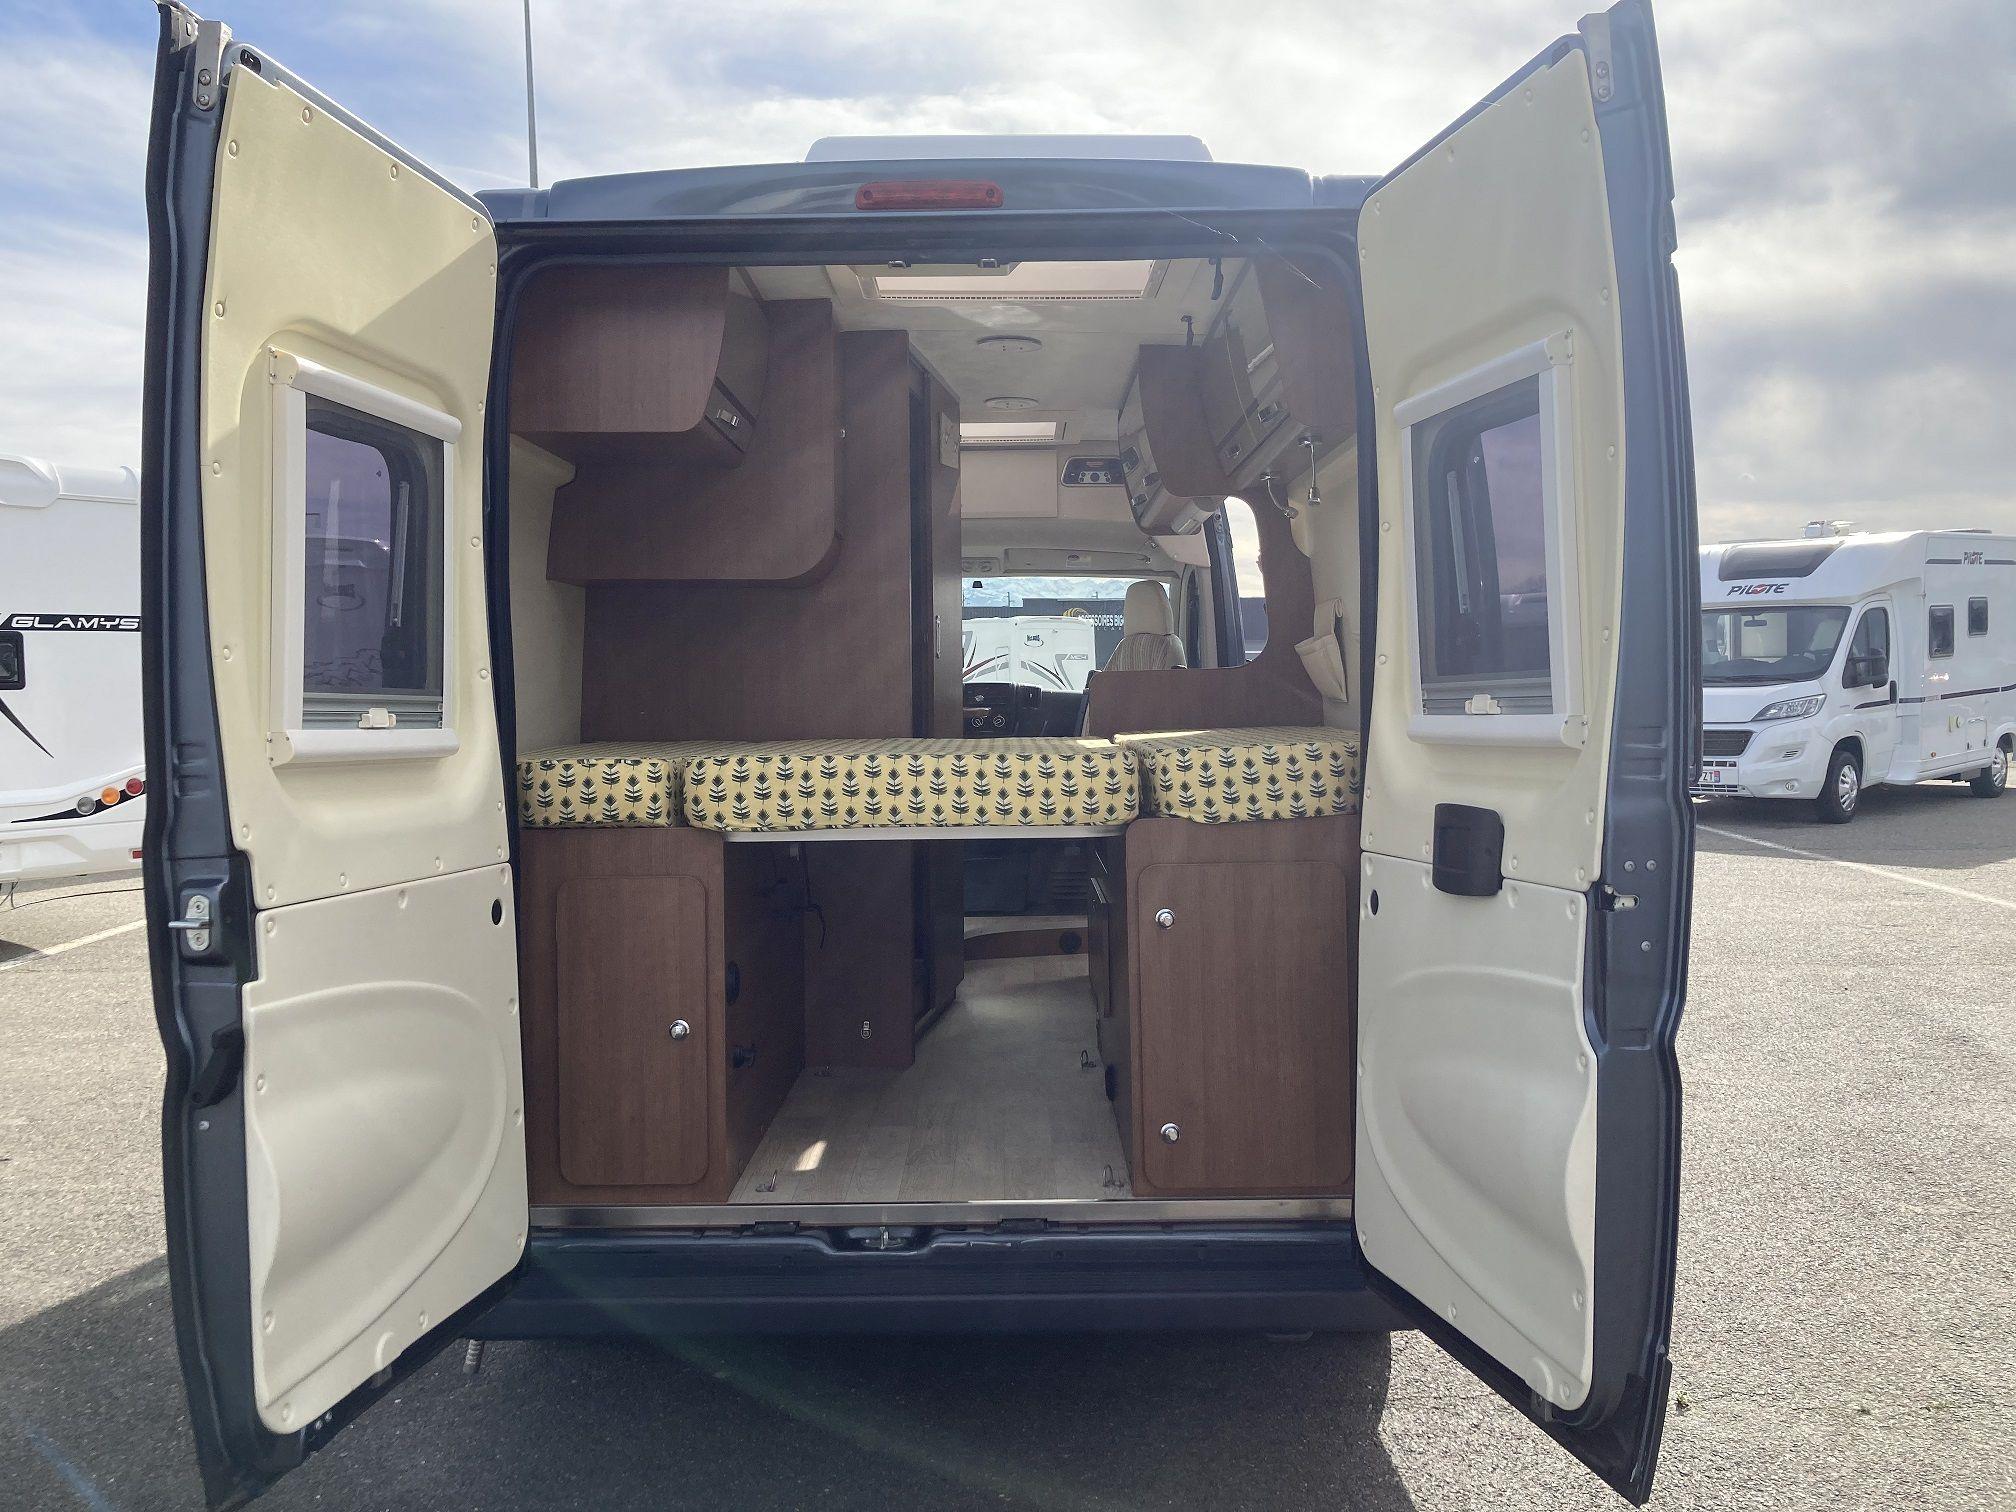 Cama y portones traseros del modelo Karmann de Autocaravanas Bilbao